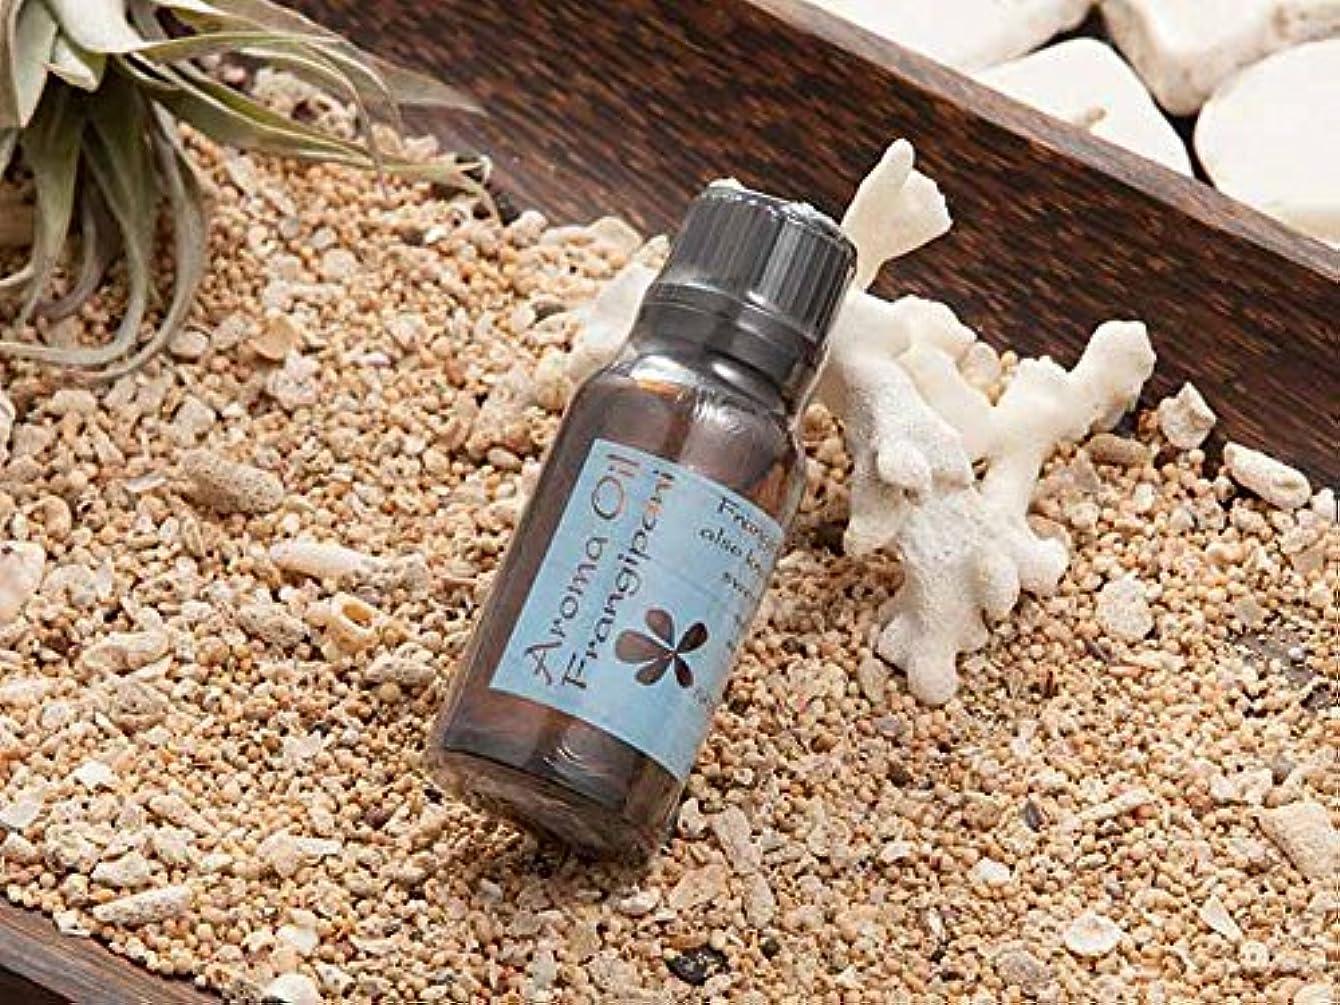 販売計画恐怖招待寛ぎのひと時にアジアンな癒しの香りを アロマフレグランスオイル 5種の香り (アラムセンポールALAM ZEMPOL) (Frangipani フランジパニ)